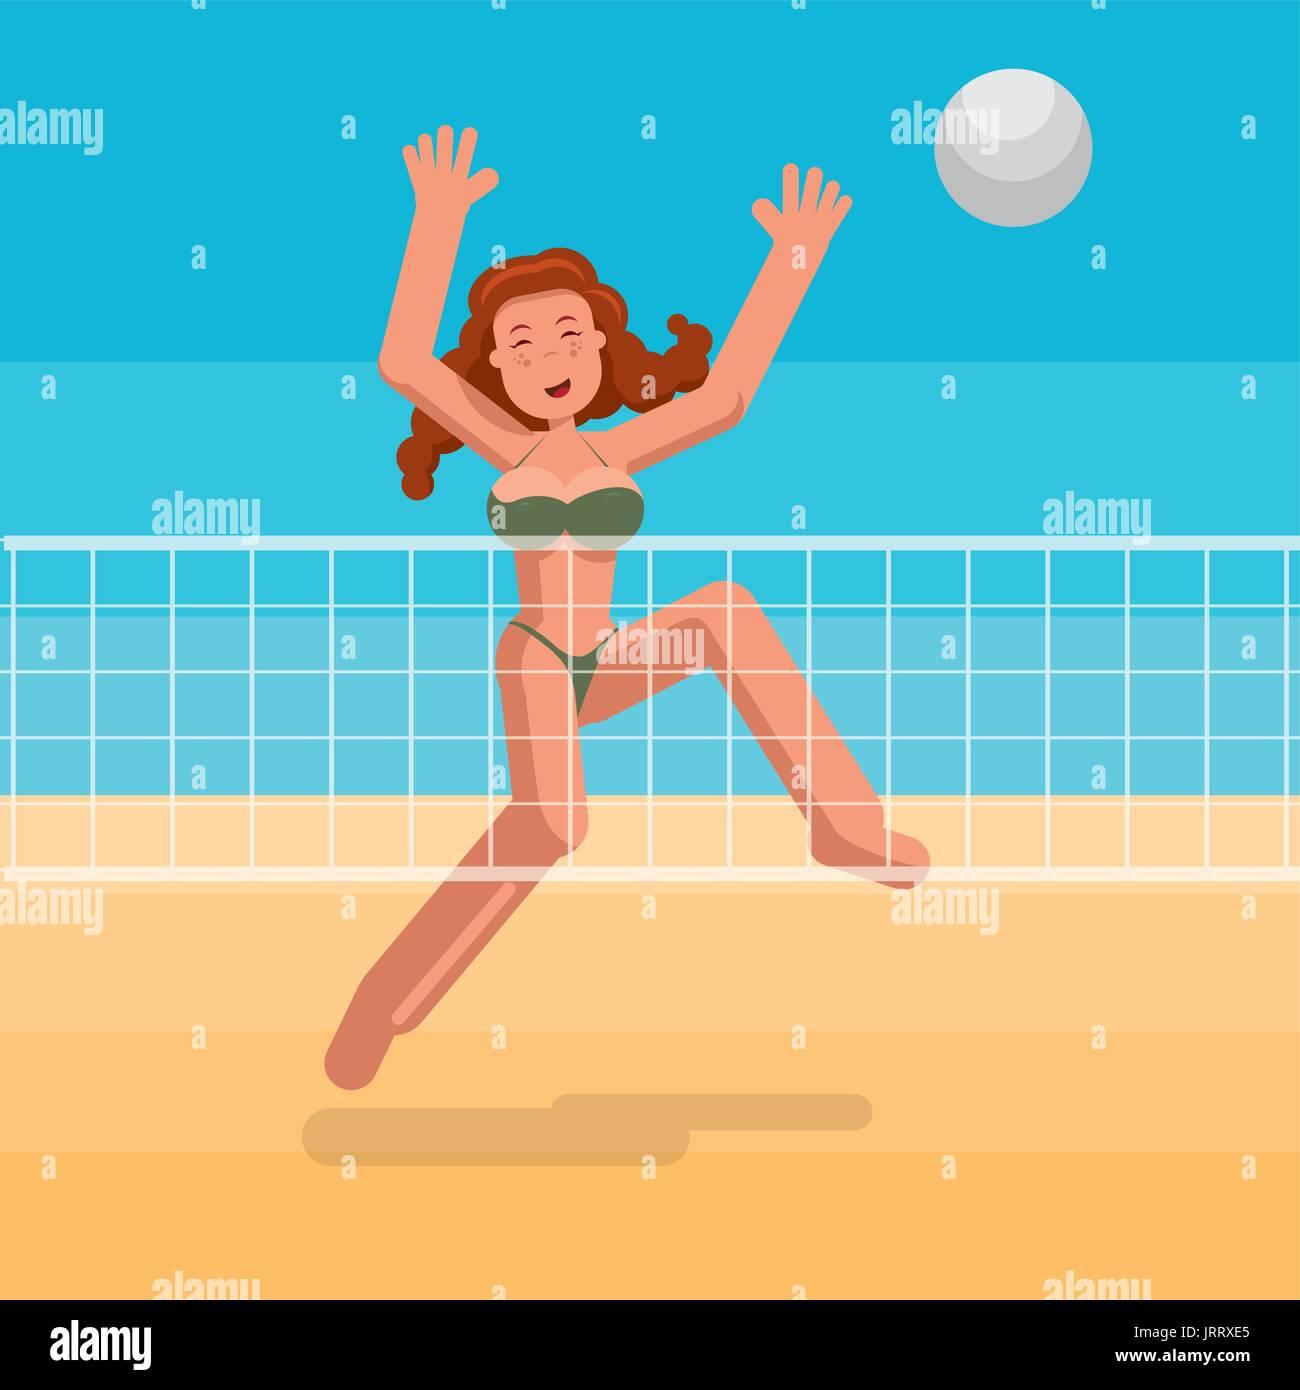 Volleyball Cartoon Imágenes De Stock & Volleyball Cartoon Fotos De ...